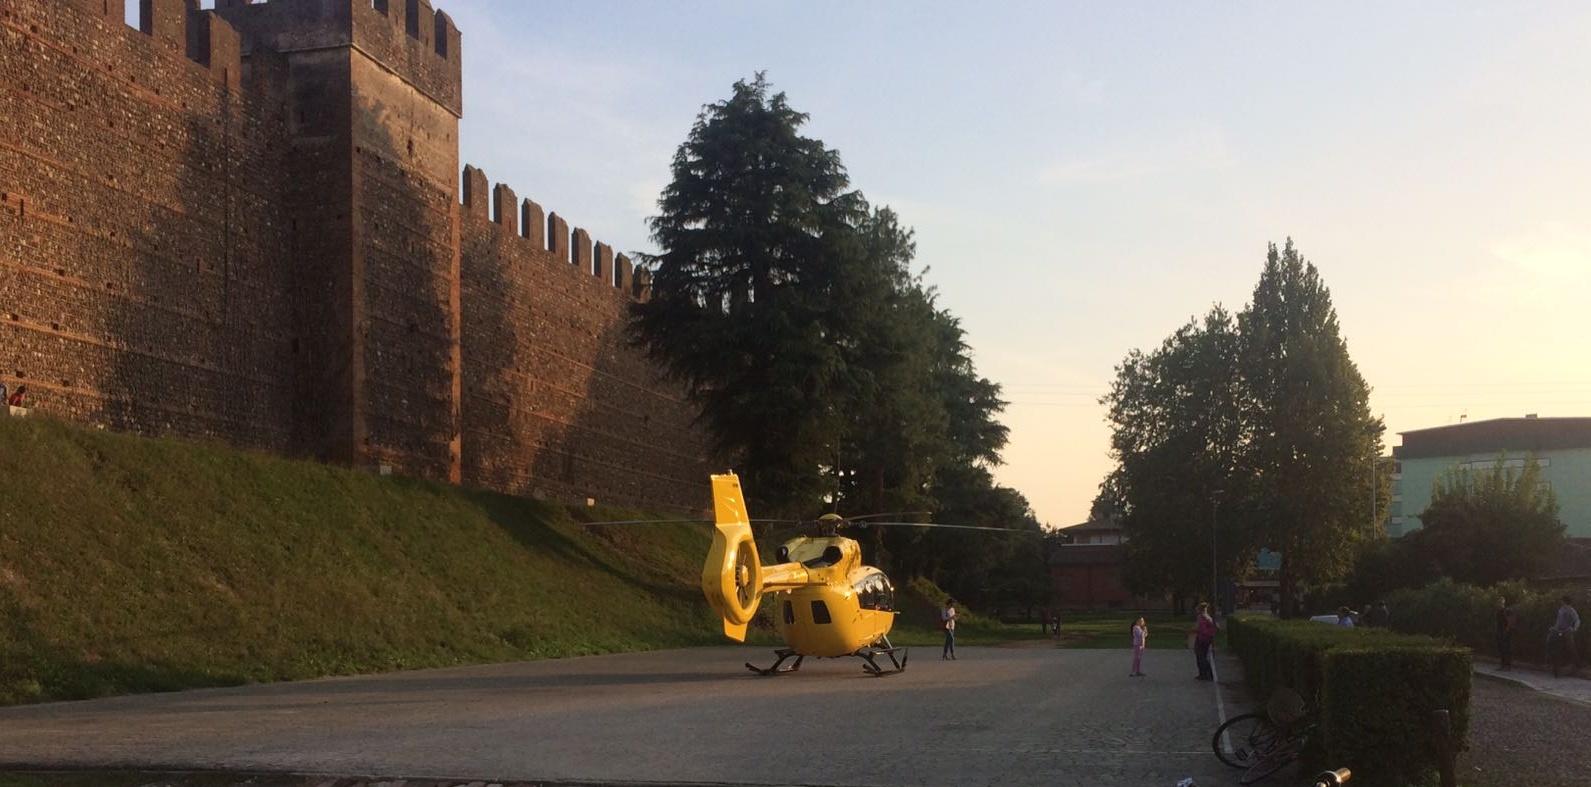 Elicottero 118 Verona : Malore in casa elisoccorso al castello verona settegiorni